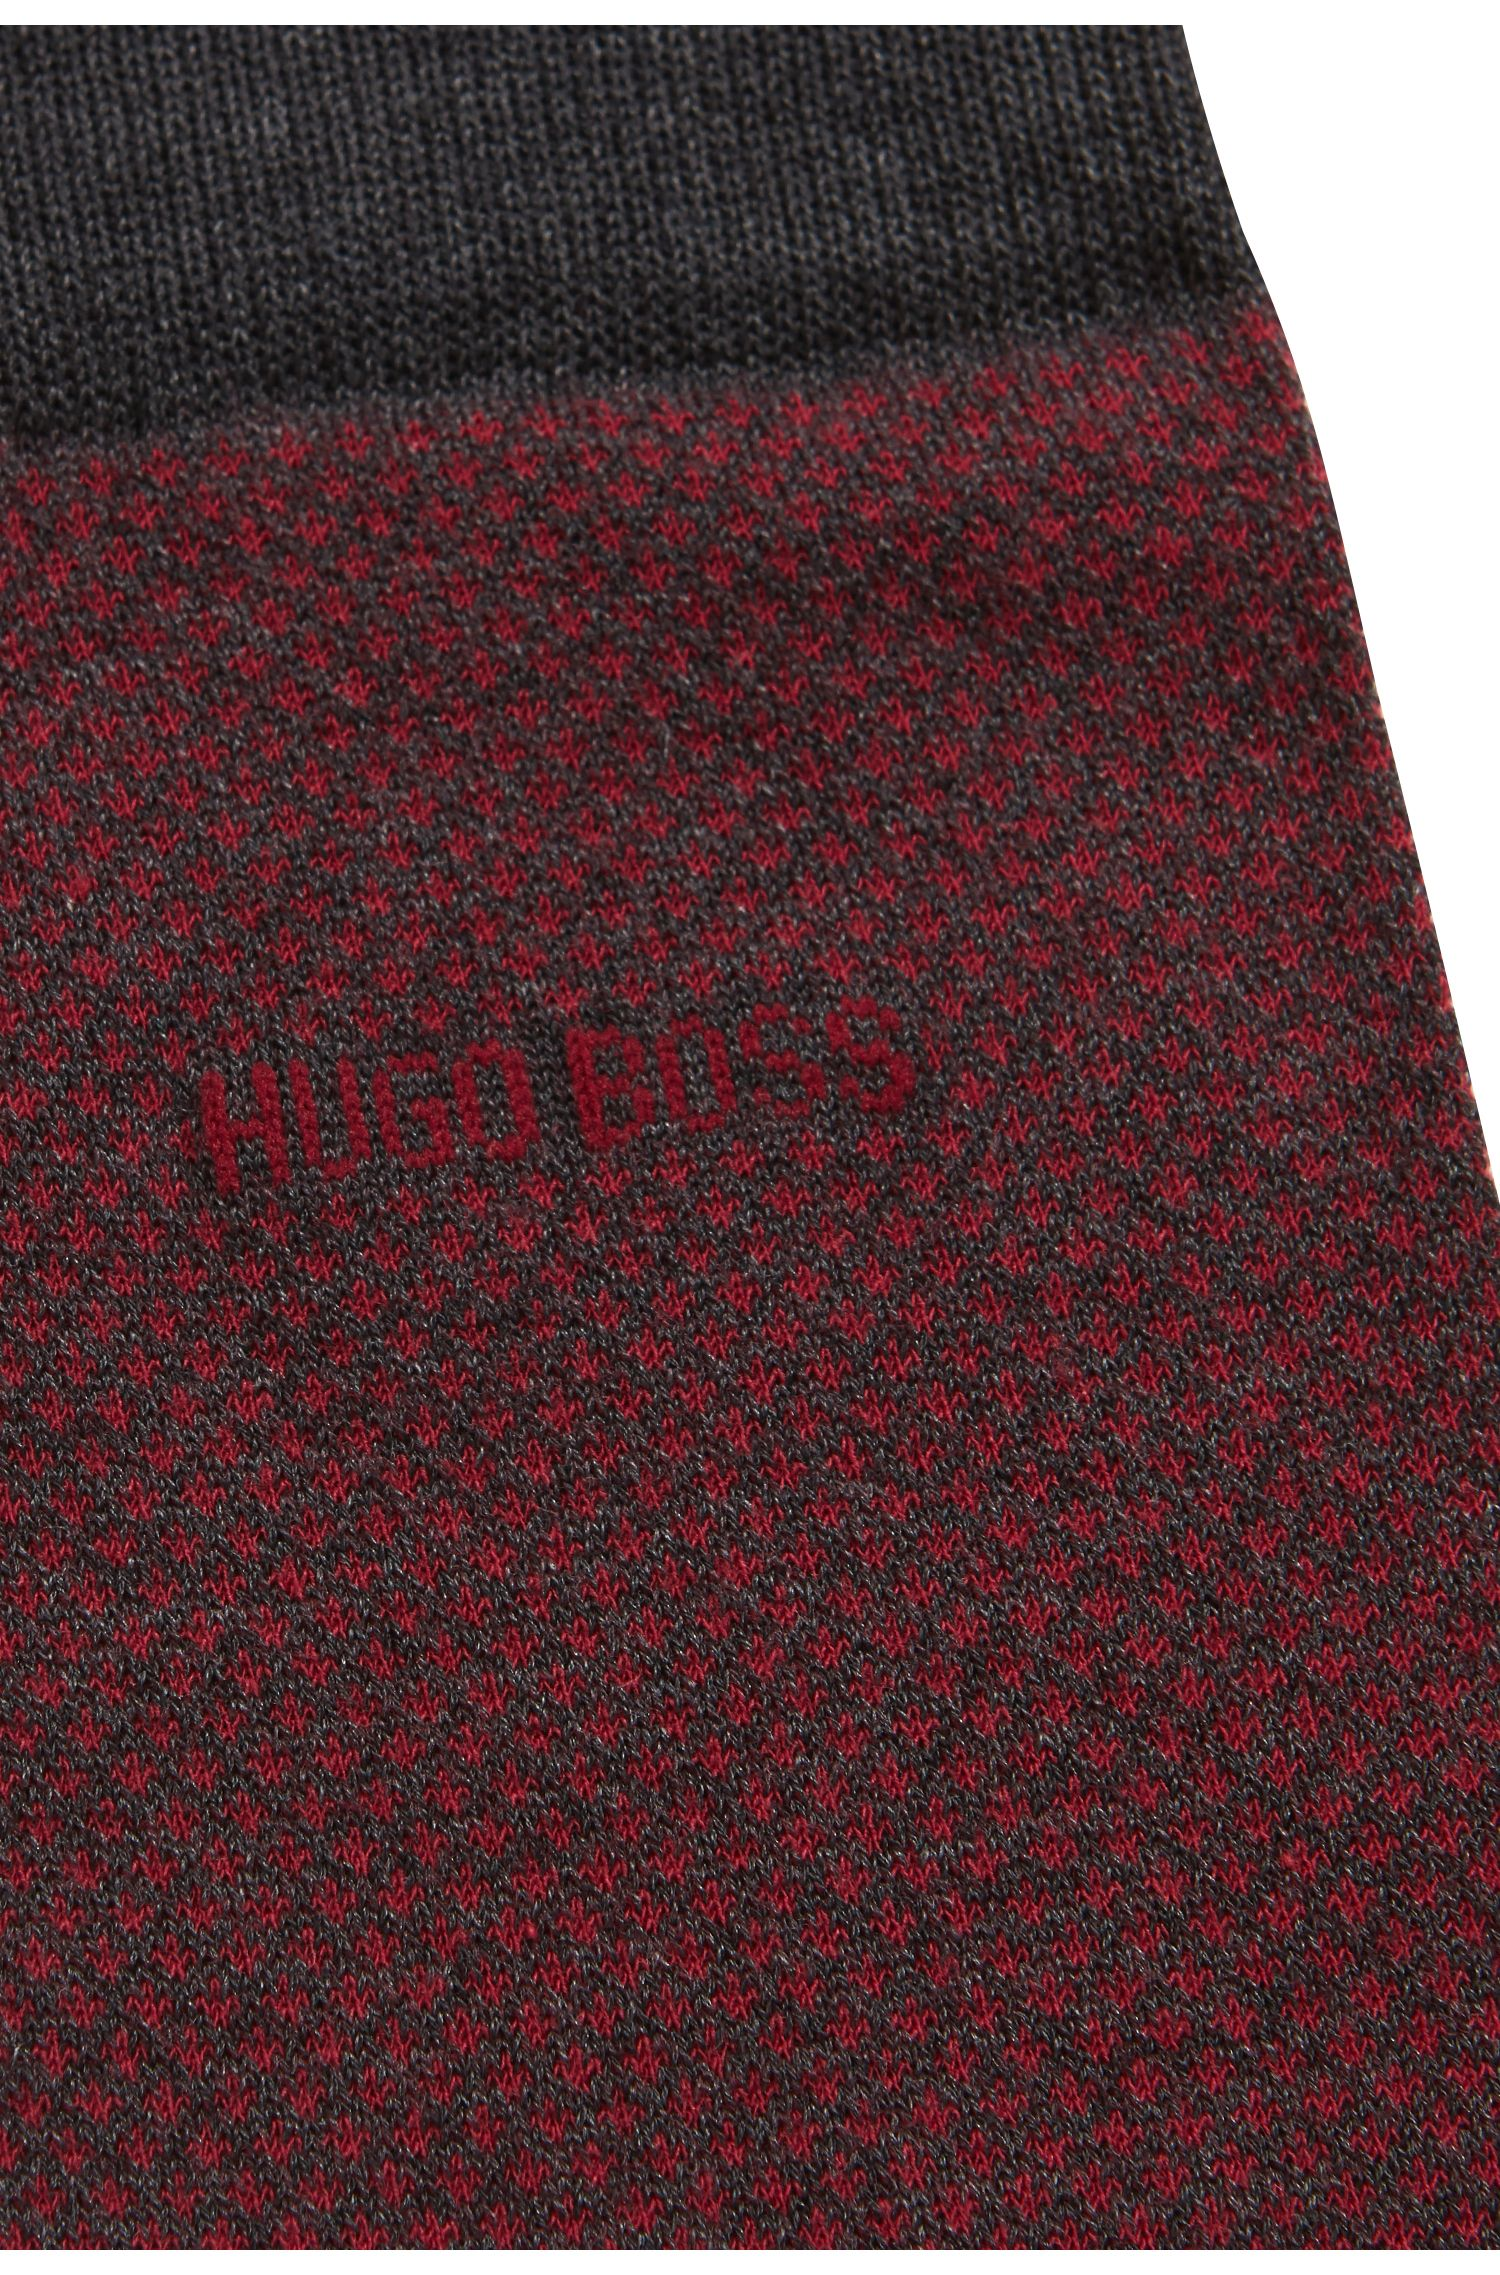 Mittelhohe Socken aus merzerisierter Stretch-Baumwolle mit dezentem Muster, Anthrazit